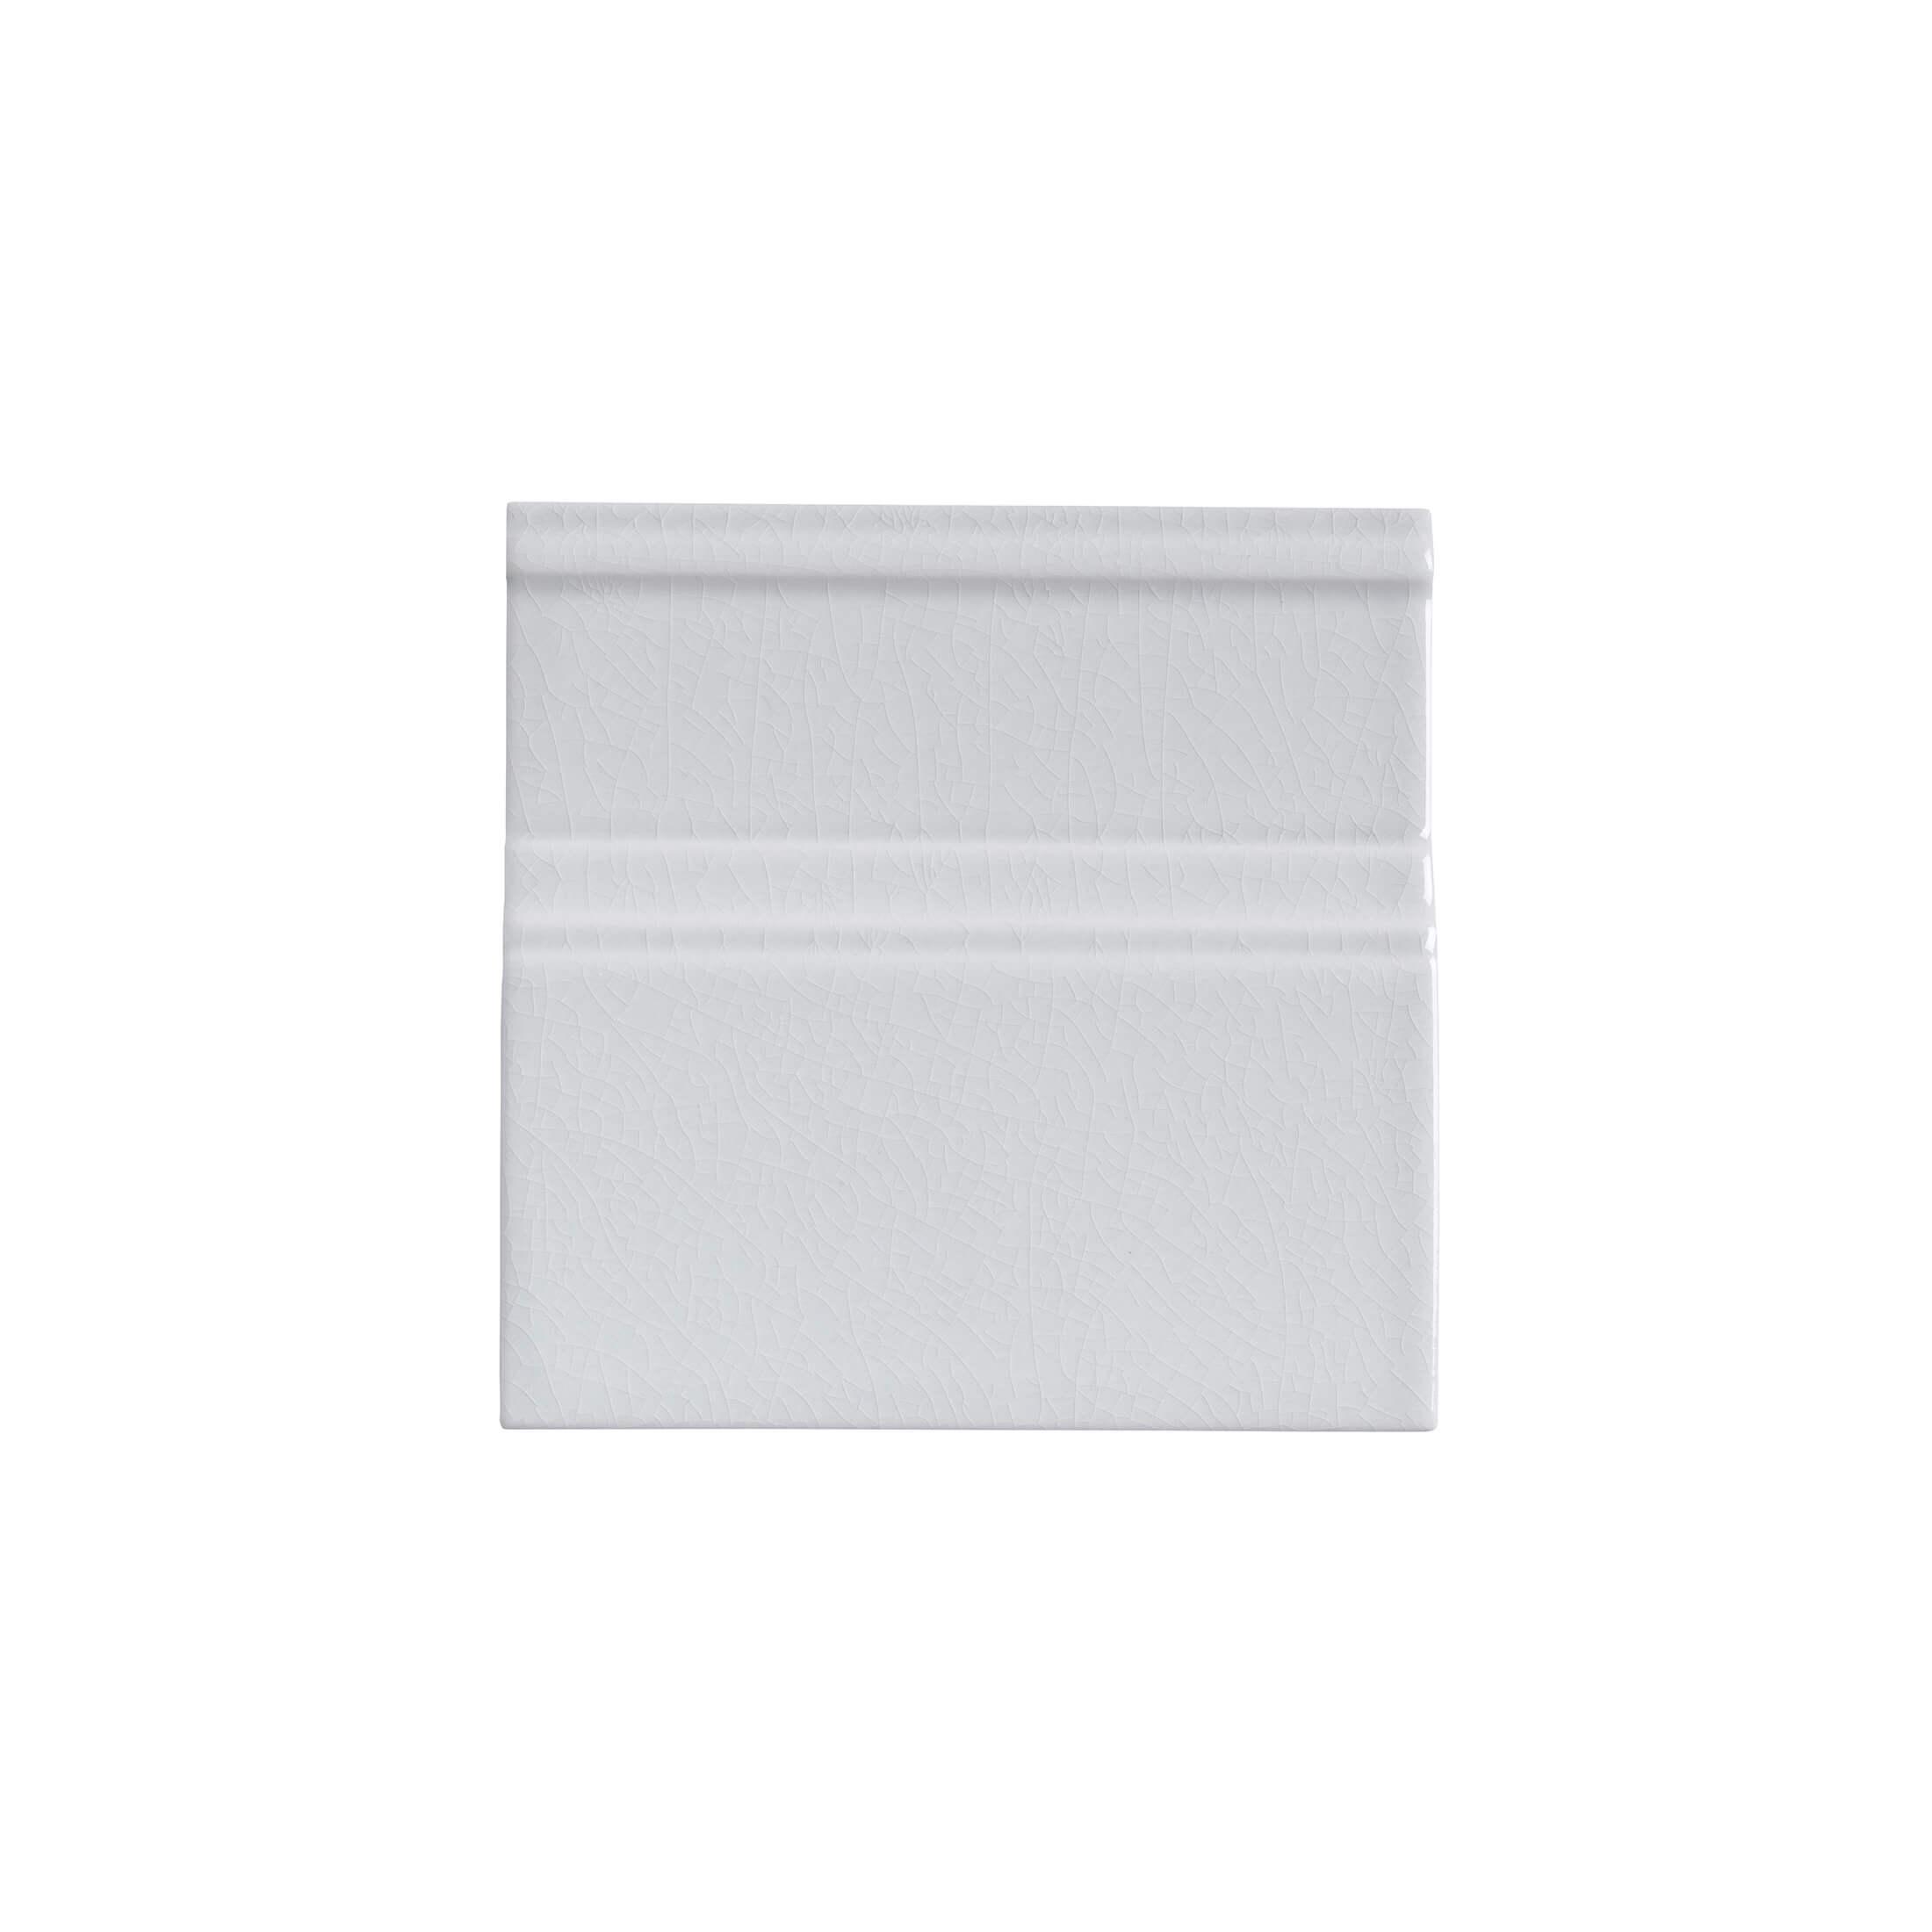 ADMO5471 - RODAPIE CLASICO C/C - 15 cm X 15 cm